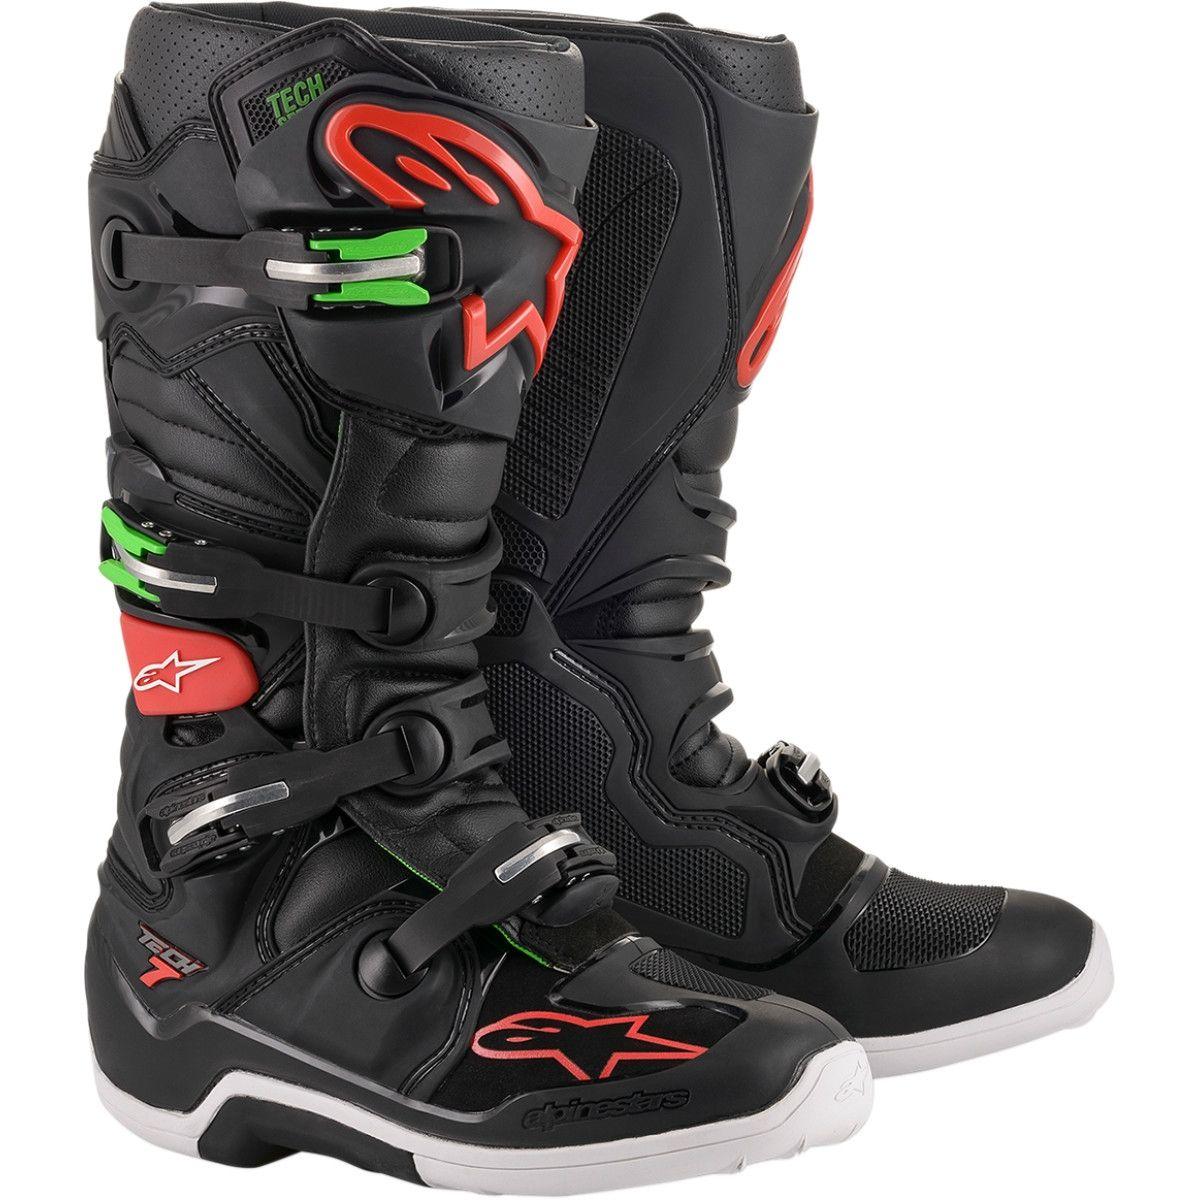 Alpinestars Crosslaarzen Tech 7 Black/Red/Green